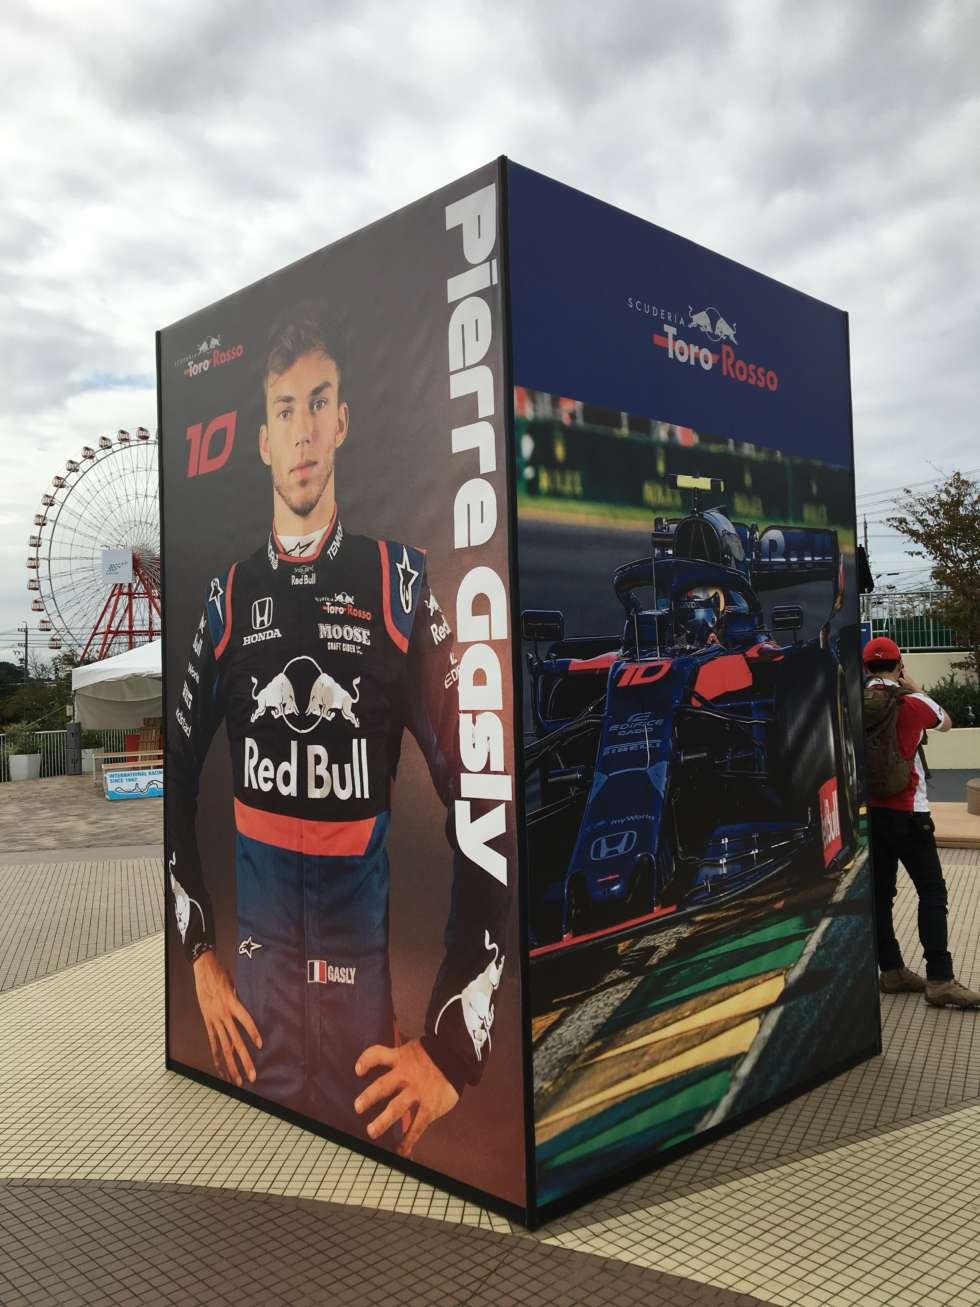 【F1日本GP】ピエール・ガスリーの大パネル